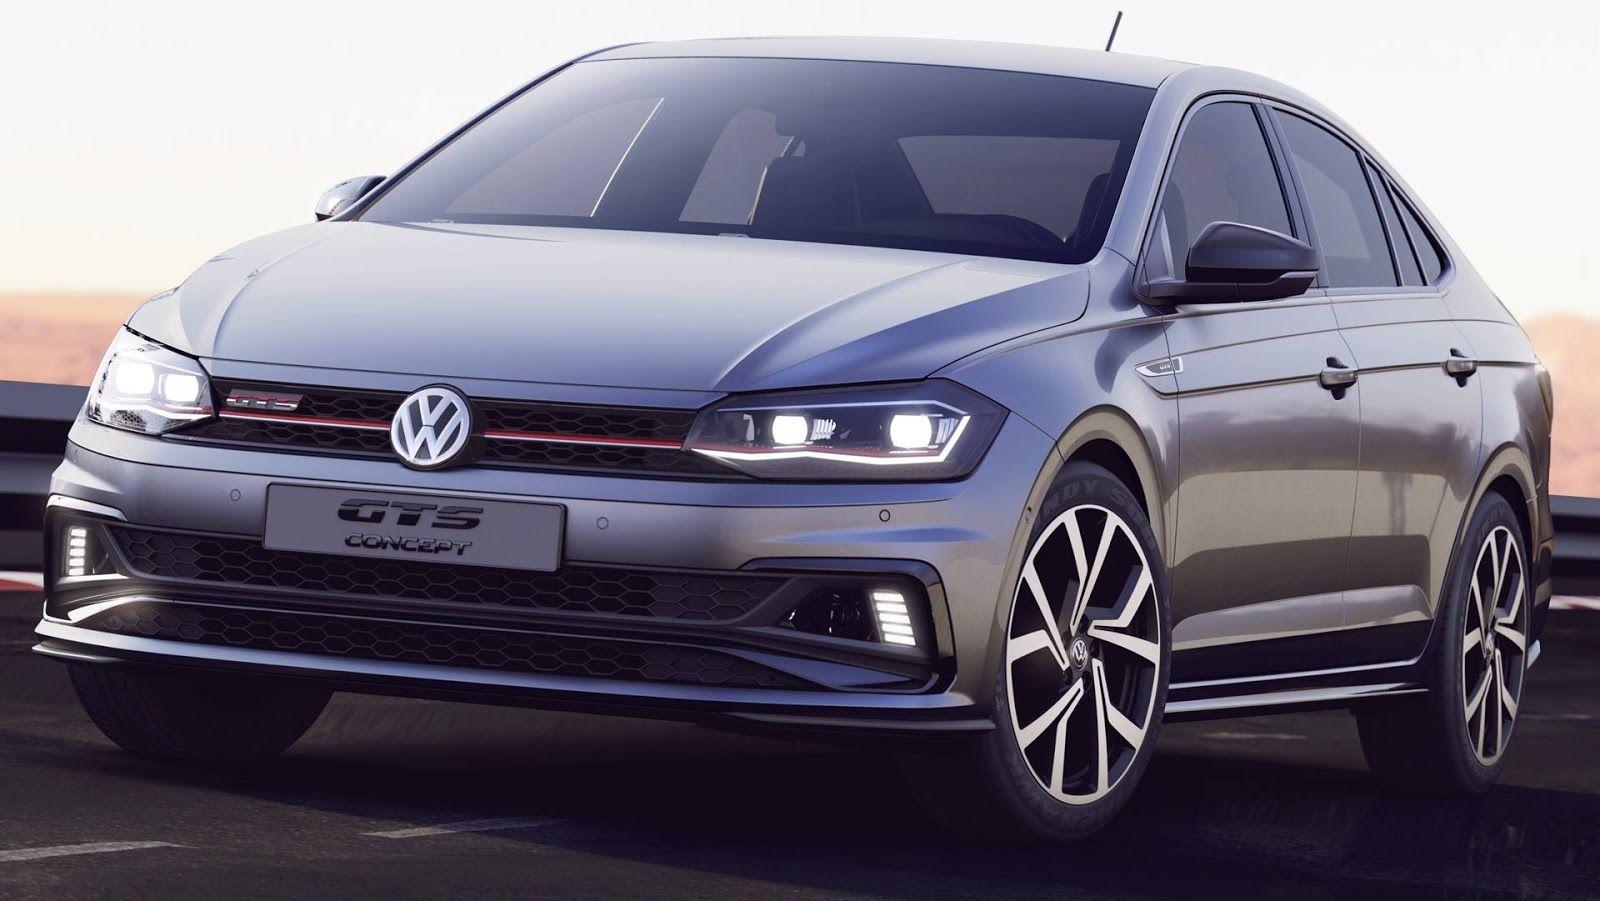 Vw Polo E Virtus Gts Confirmados Para 2019 Lancamento Car Blog